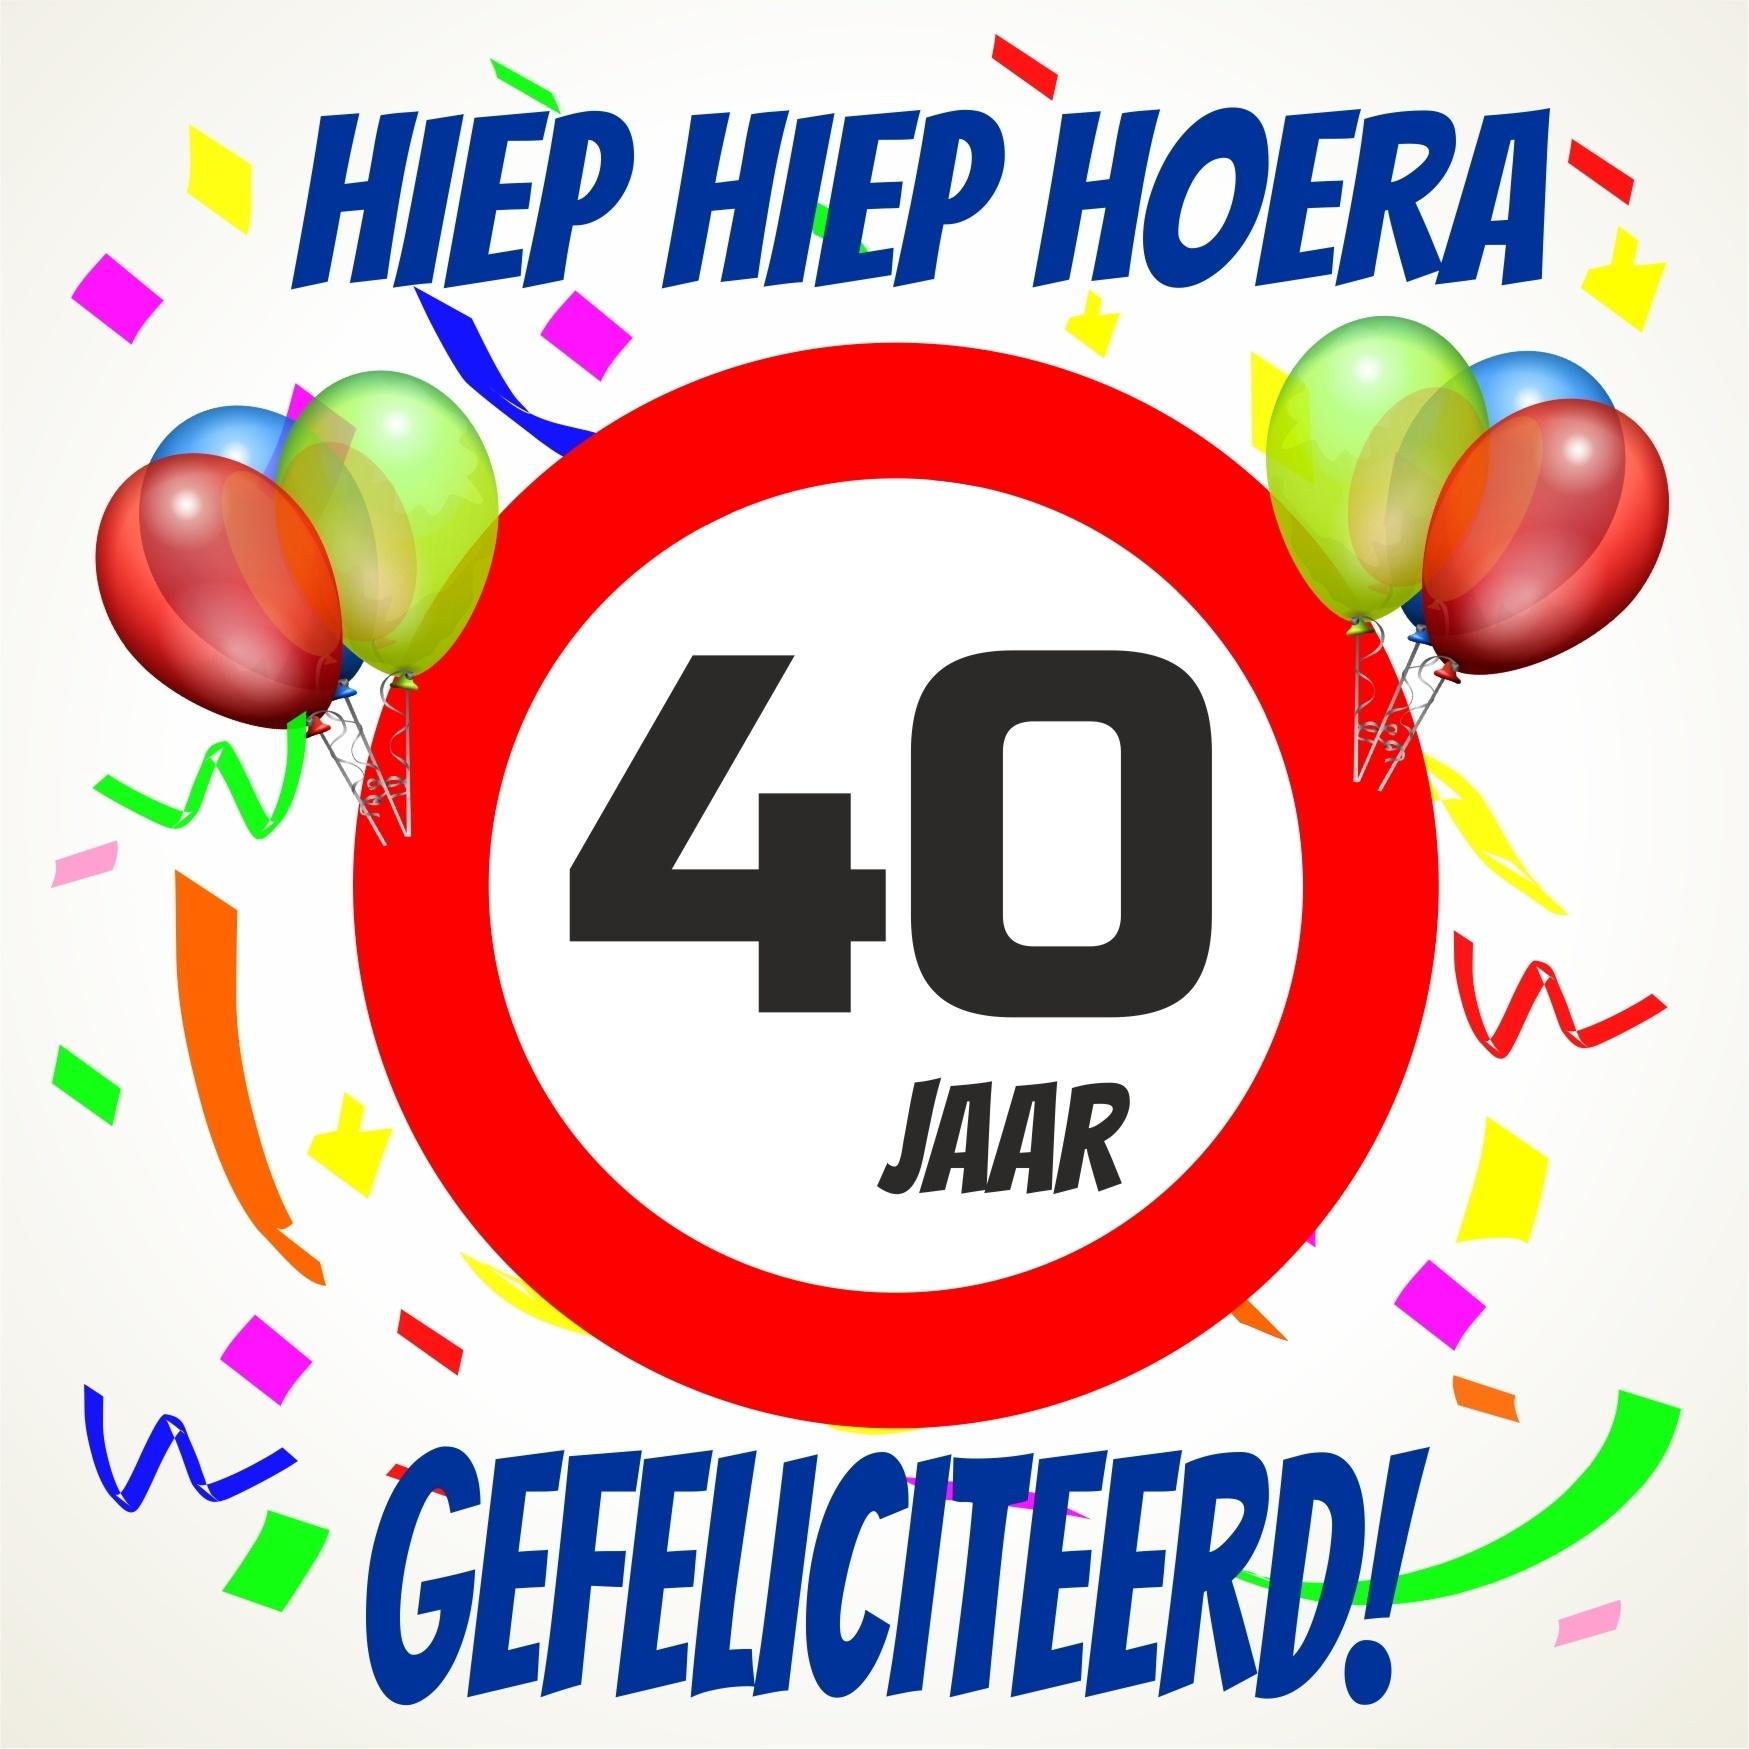 Super Gefeliciteerd 40 Jaar Verjaardag | Gefeliciteerd @XU74